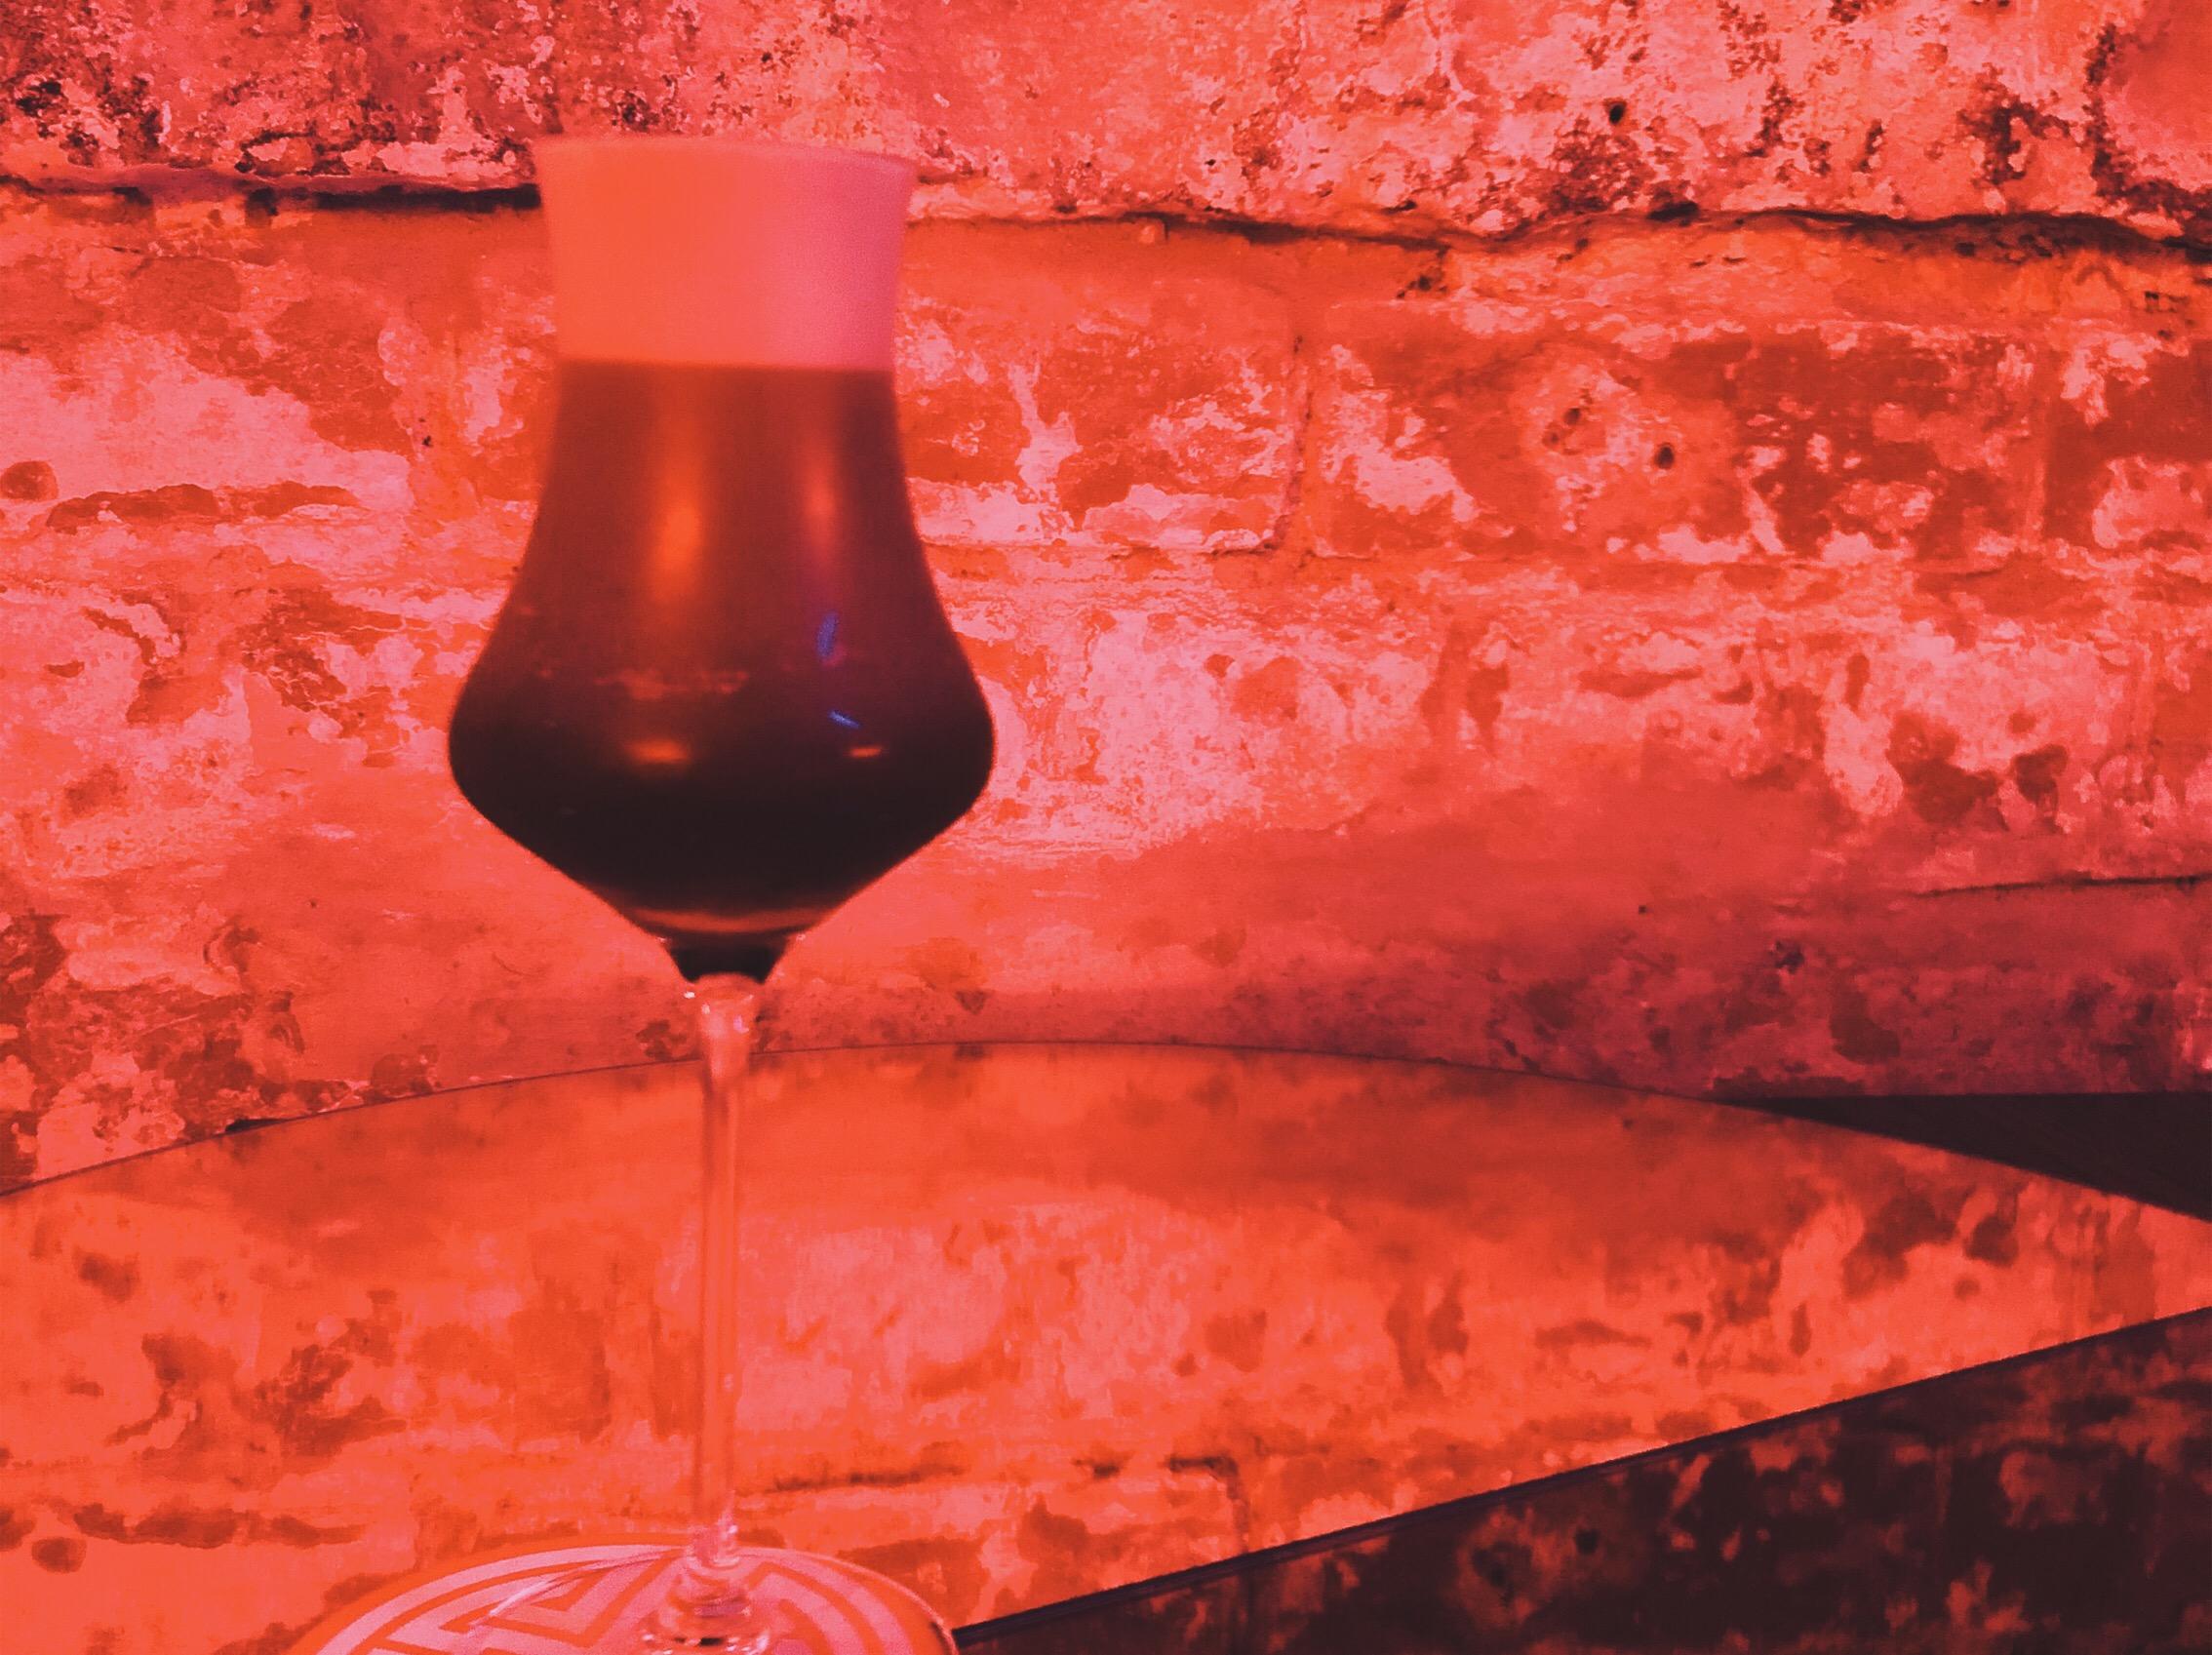 Espresso Martini - Cape Grim 666 autumn butter vodka, mr black coffee liqueur, orange bitters